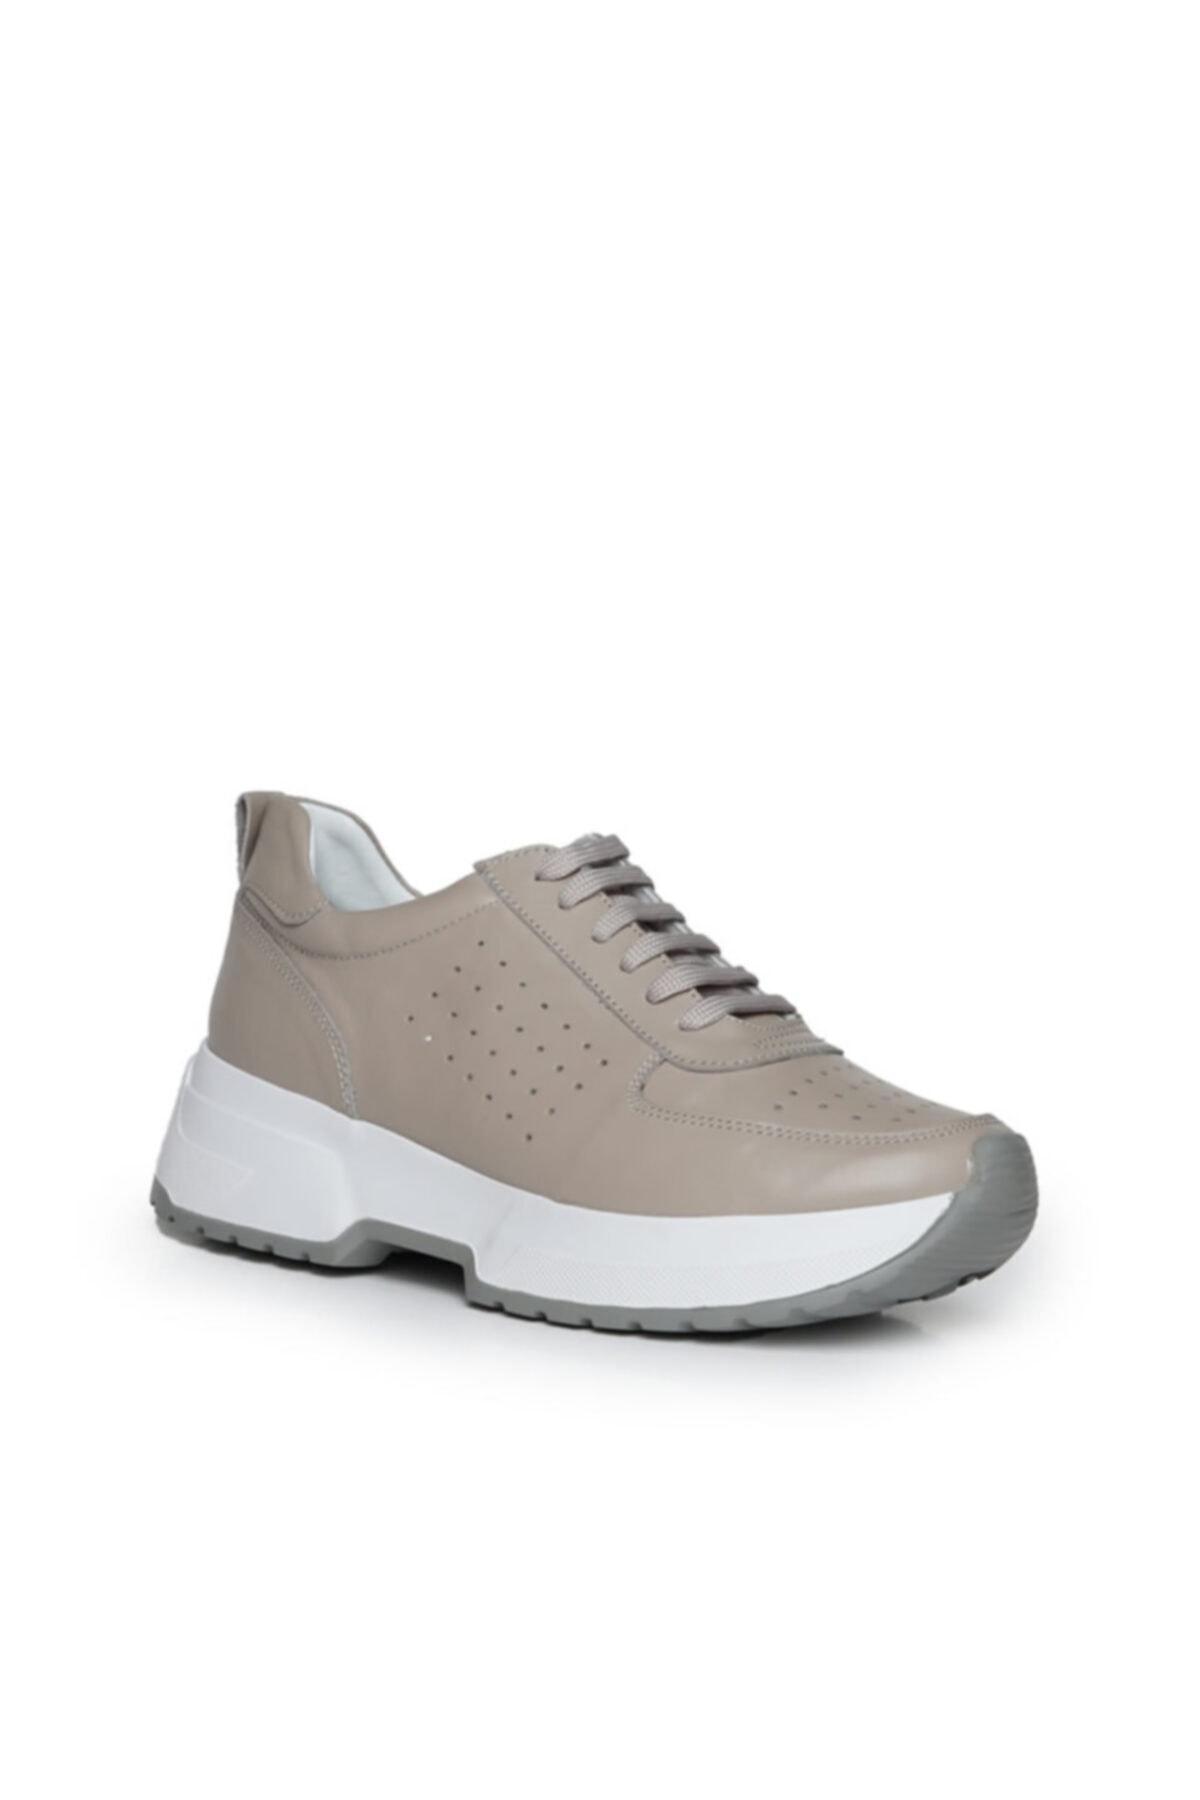 Beta Shoes Hakiki Deri Kadın Sneaker Spor Ayakkabı Gri Toprak 1